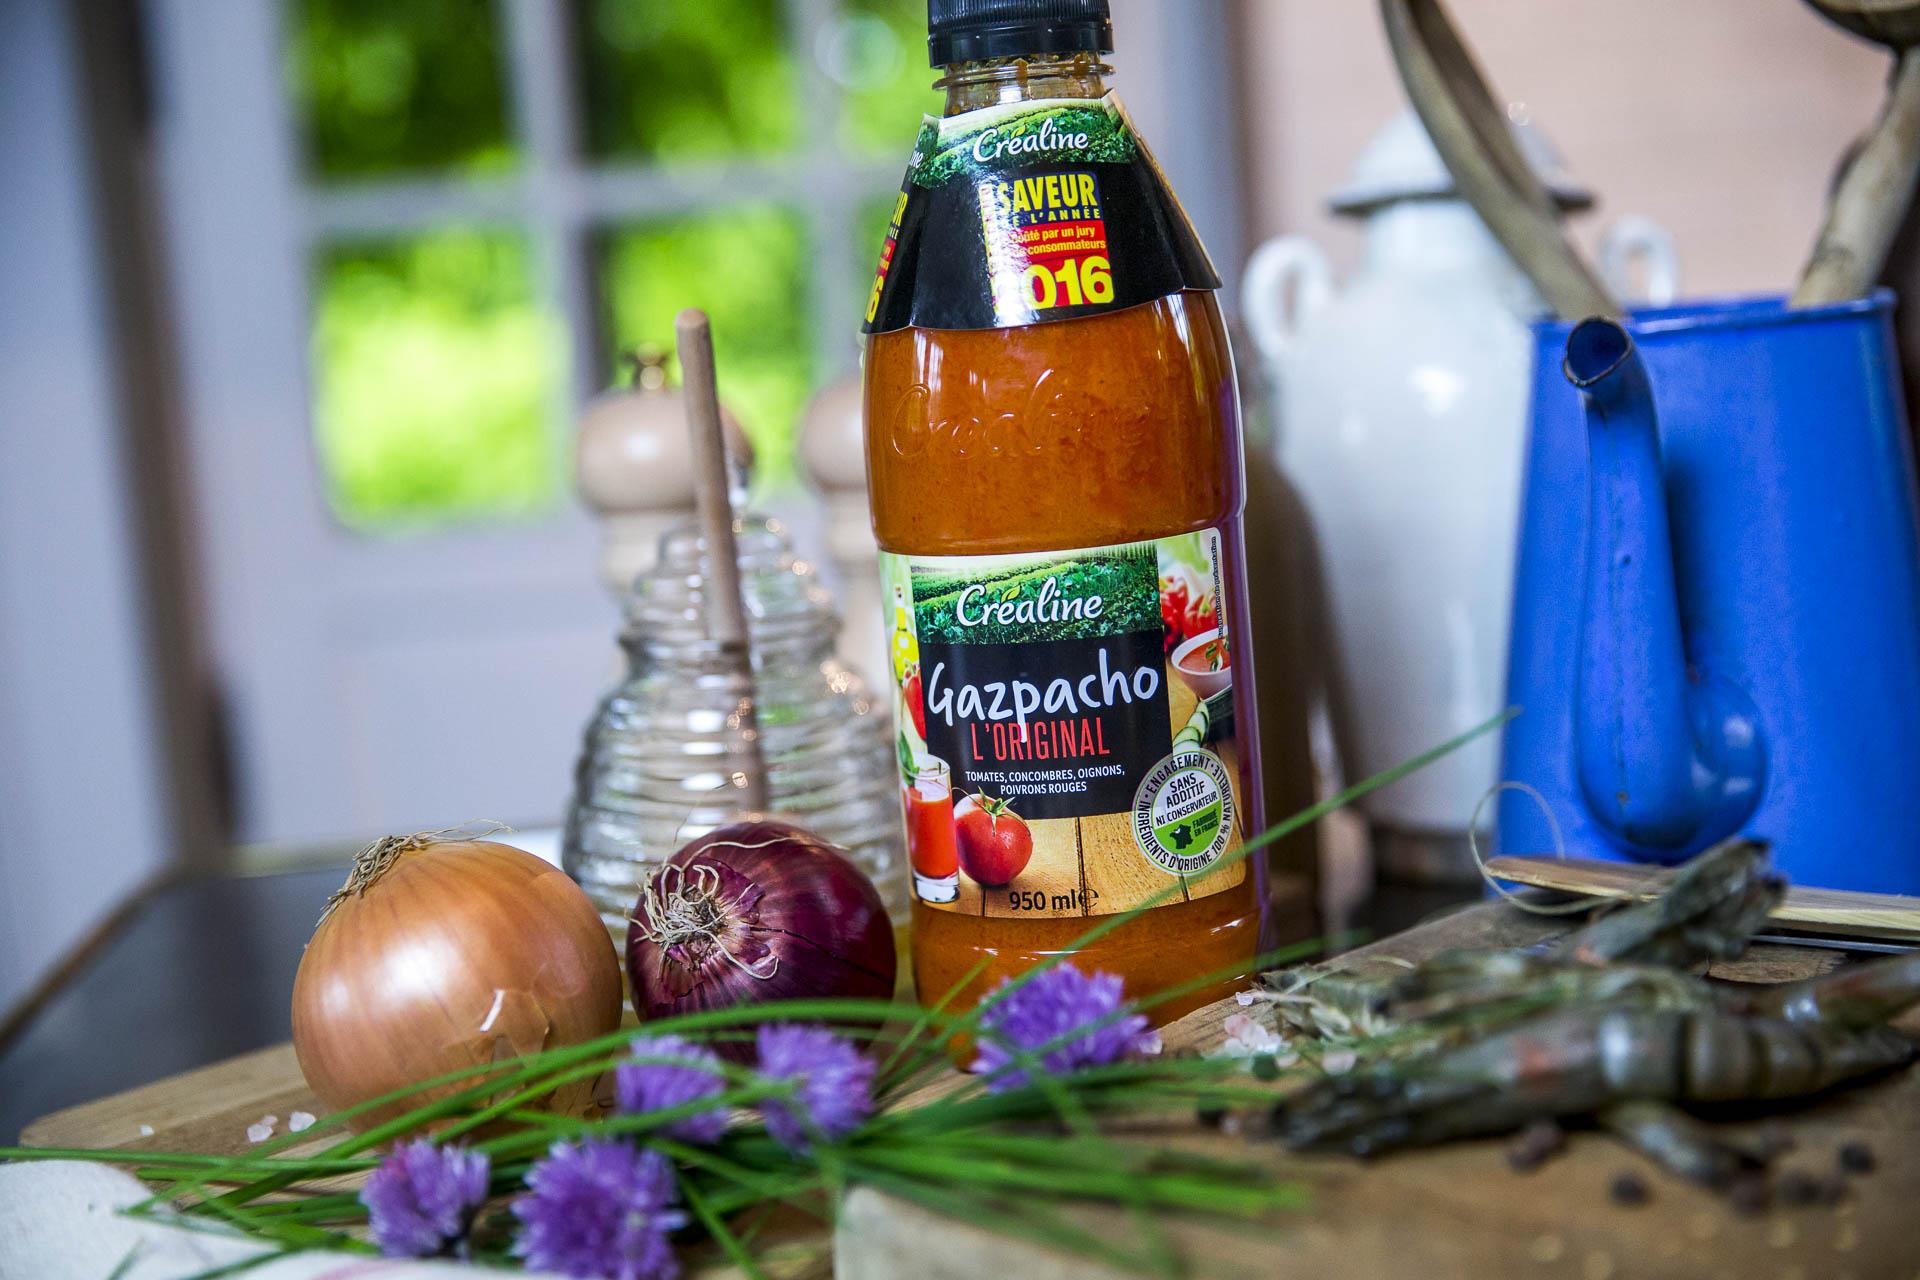 gazpacho original crème de ciboulette©stephaneleroy-E61R0410-4.jpg